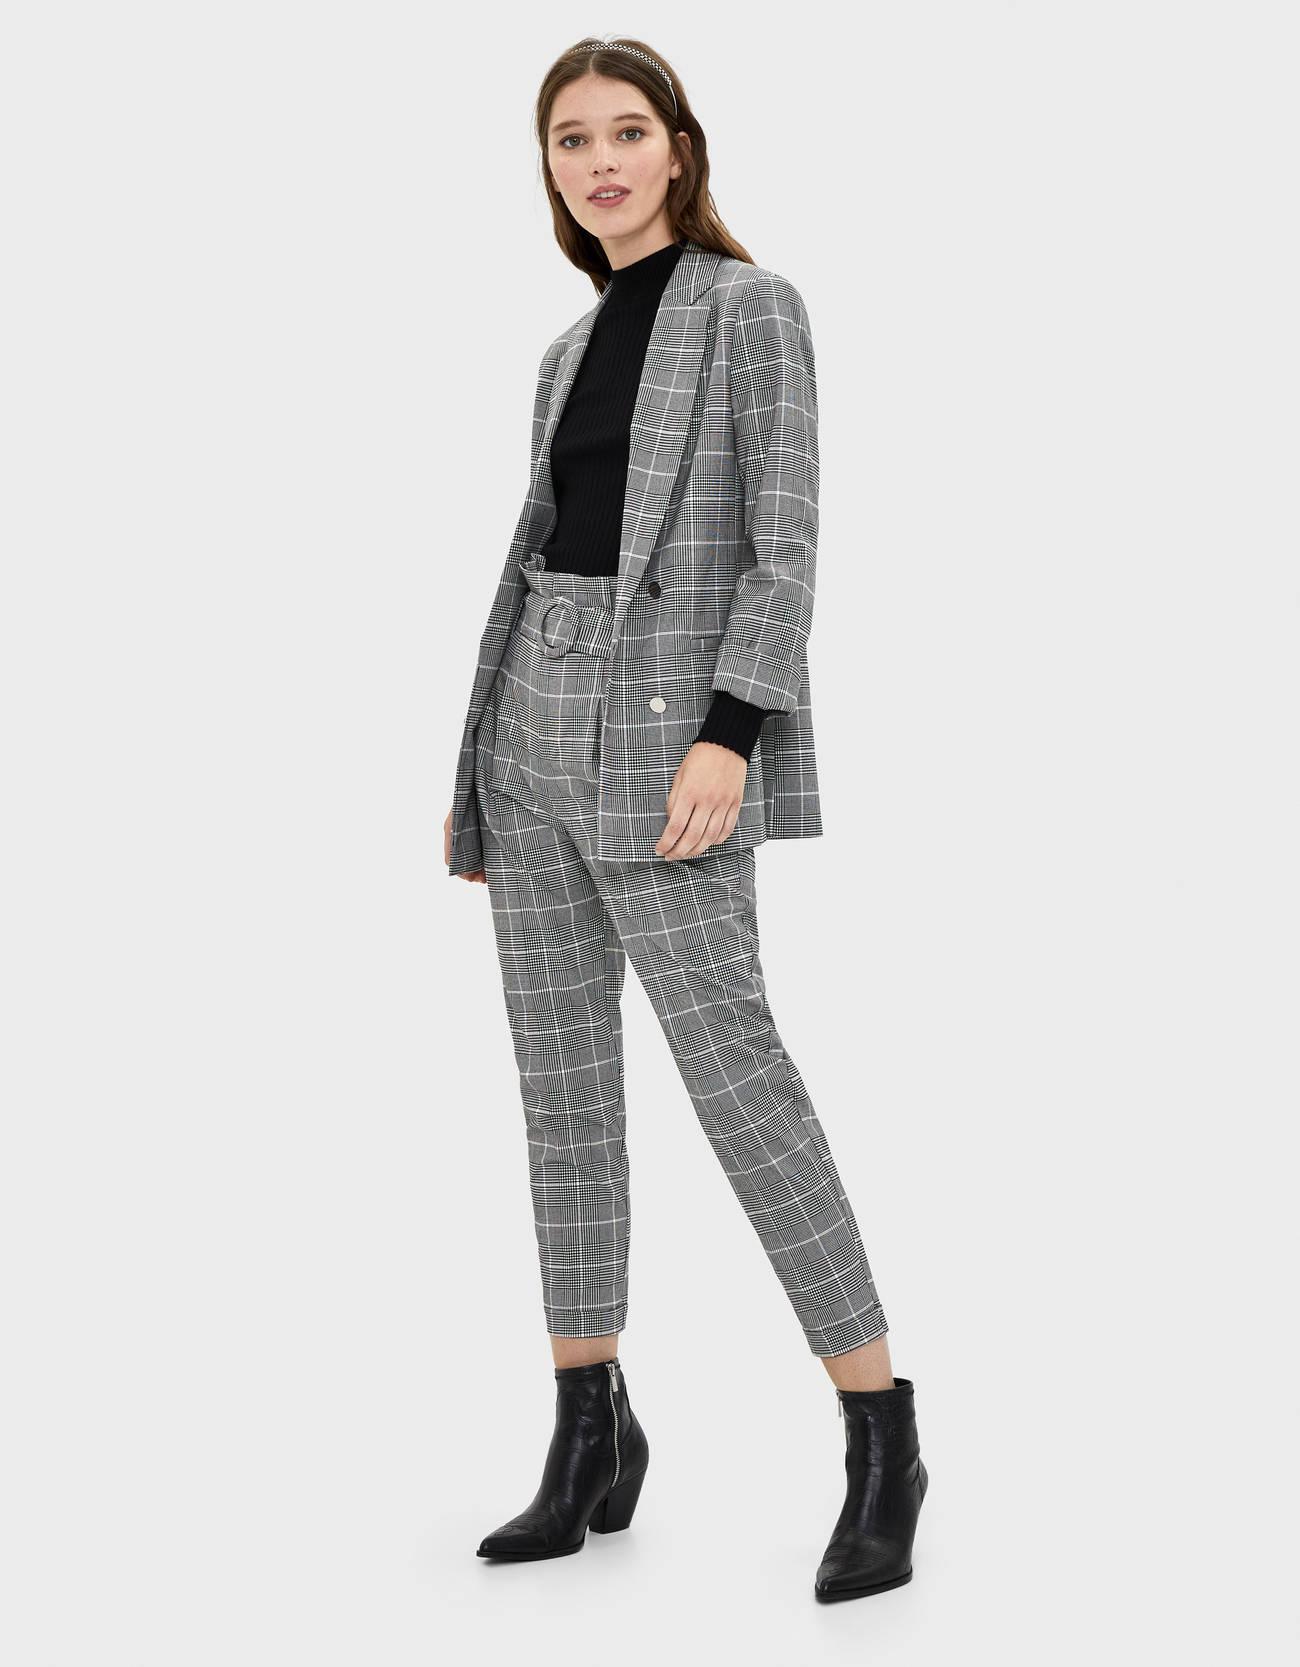 Пиджак с подворачивающимися рукавами длиной 3/4 Серый Bershka